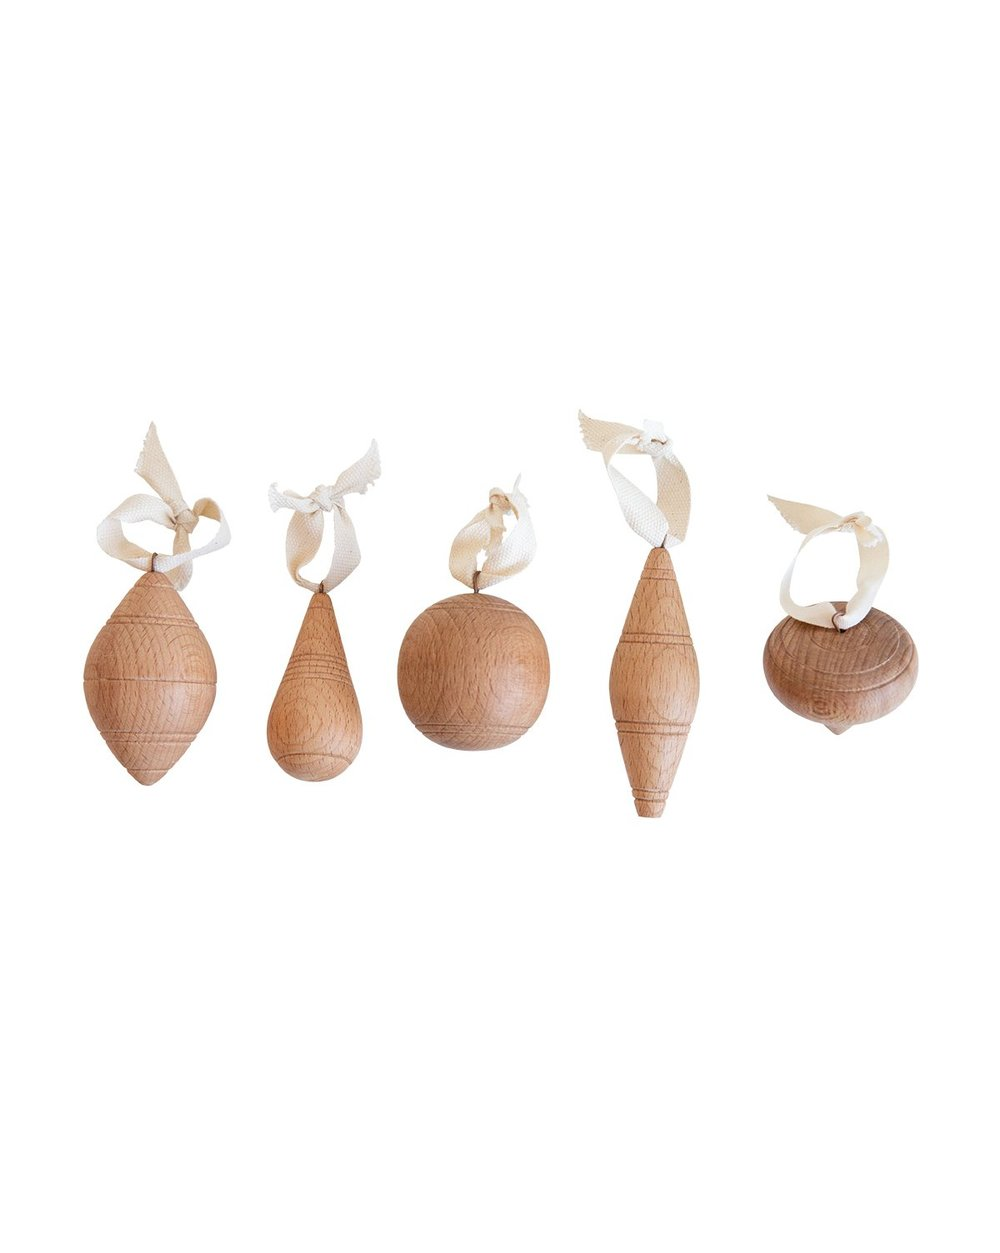 Beechwood_Ornaments_1_19ef9e5d-c845-421c-af77-3c20b62ed412.jpg